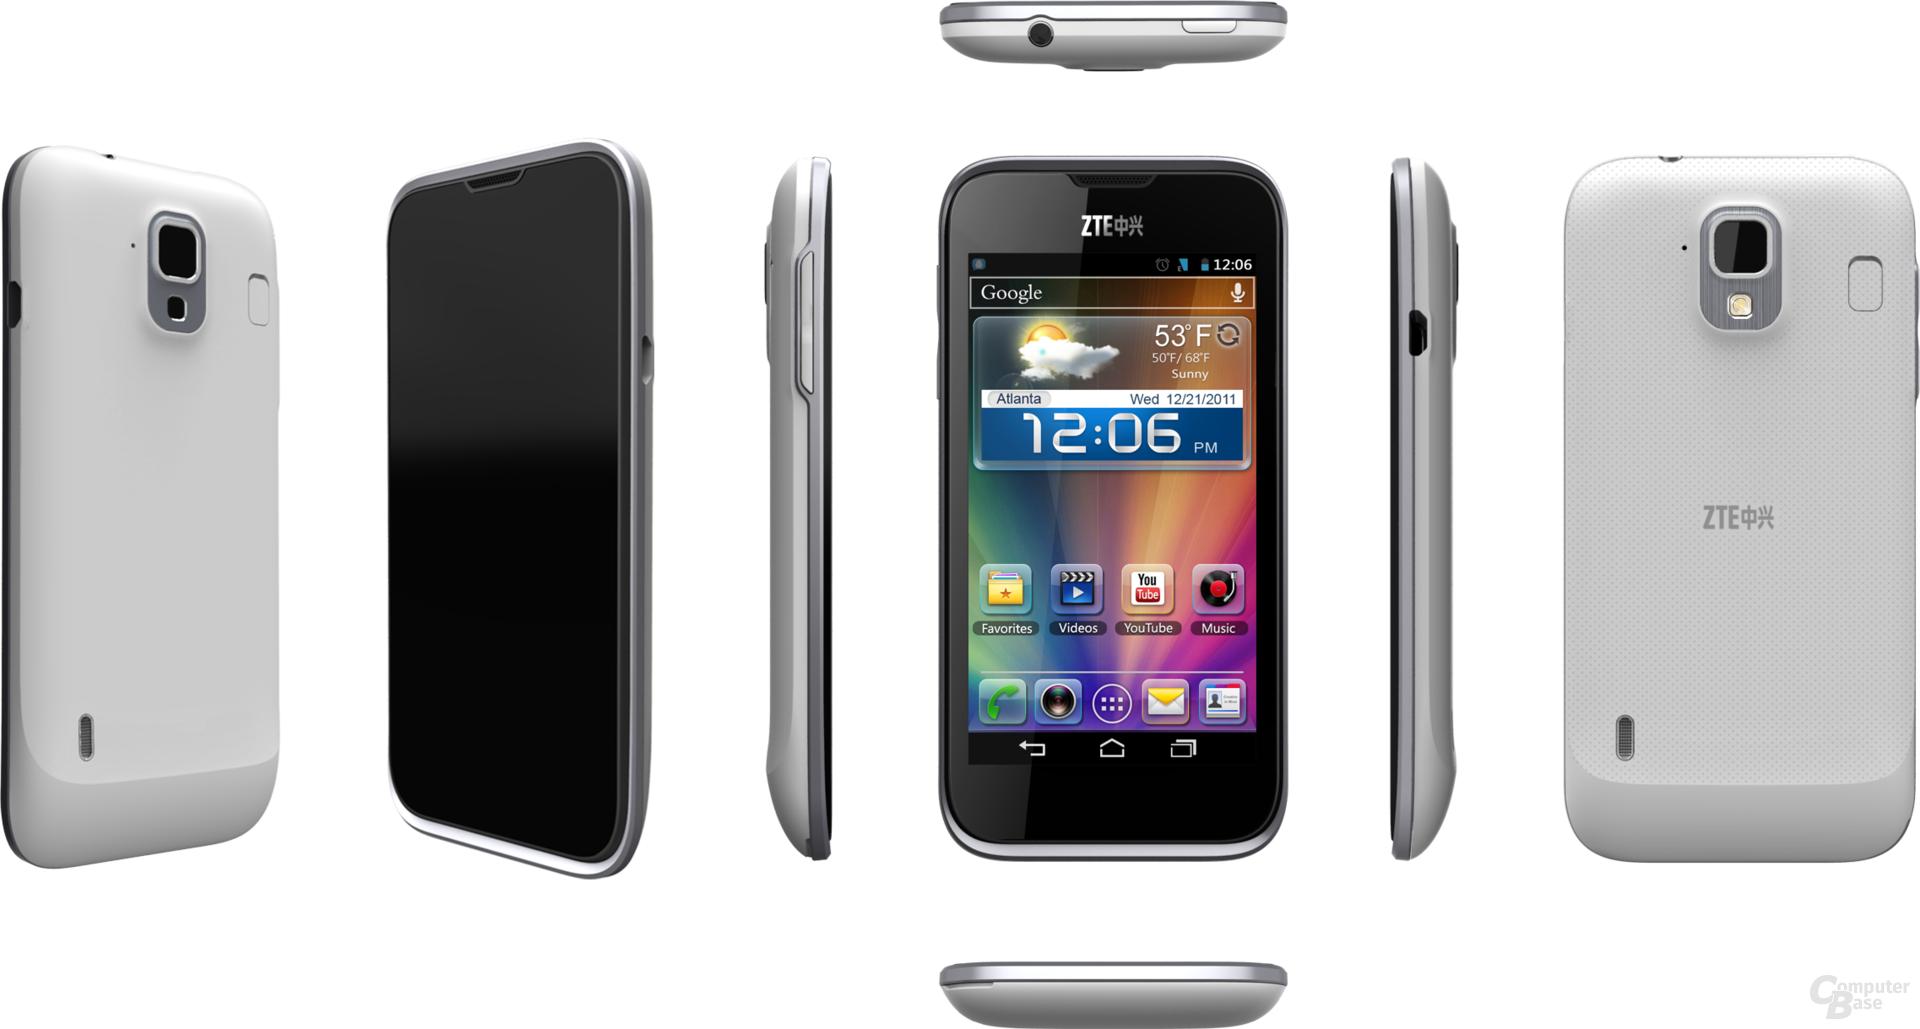 ZTE Grand X LTE Smartphone